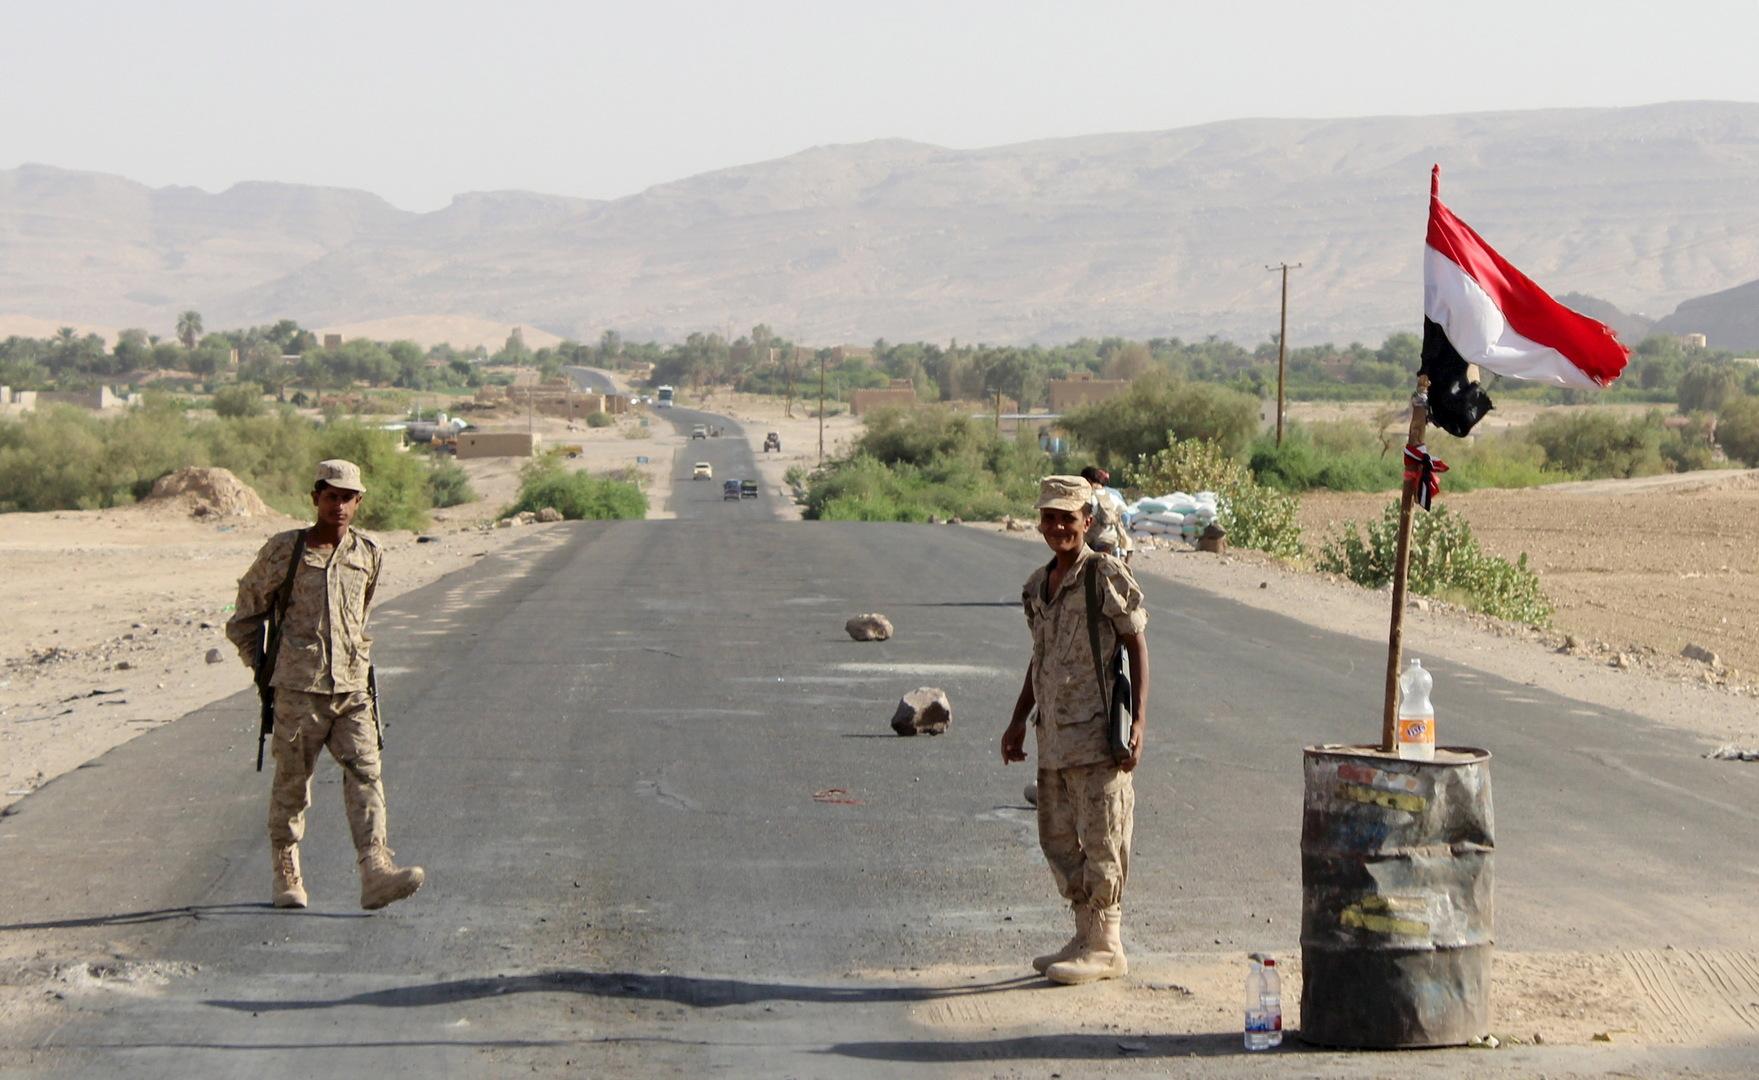 الحكومة اليمنية تحذر من تنامي تهديد أنشطة تنظيم